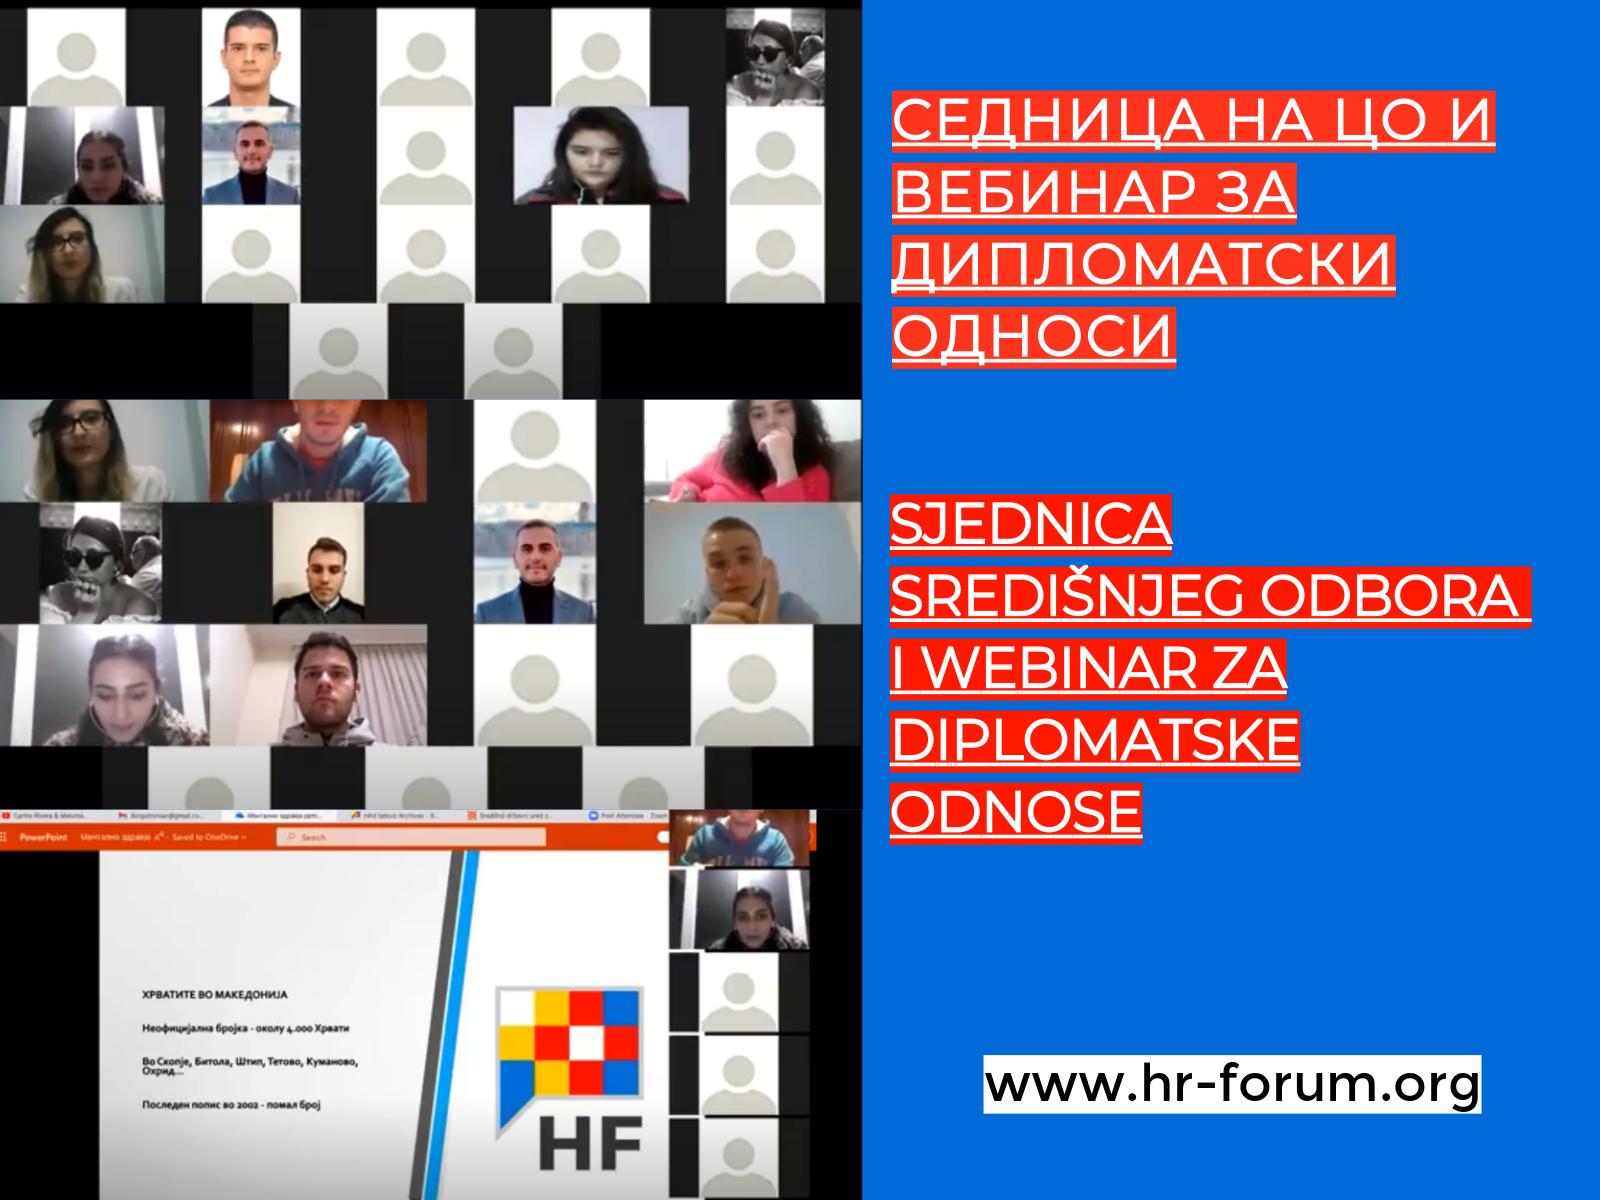 Prvo Zasjedanje Novog Središnjeg Odbora I Webinar O Diplomatskim Odnosima Između Makedonije I Hrvatske